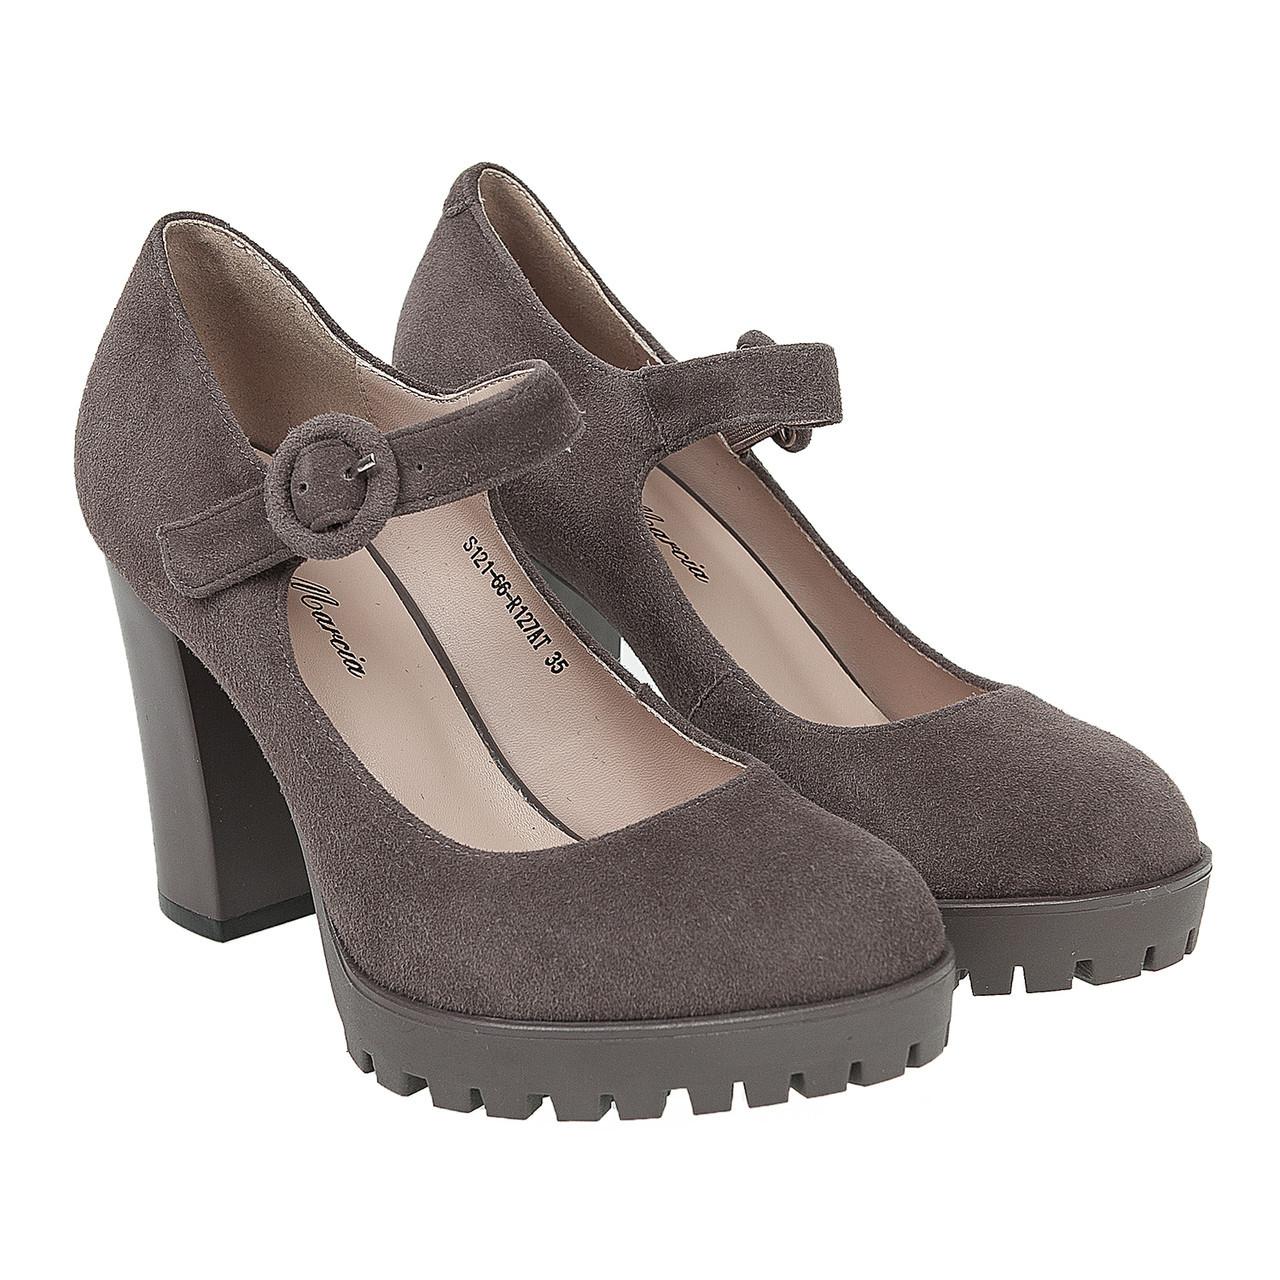 06fdc73a7 Туфли женские Lady Marcia (замшевые, на высоком каблуке, модные) - Интернет-